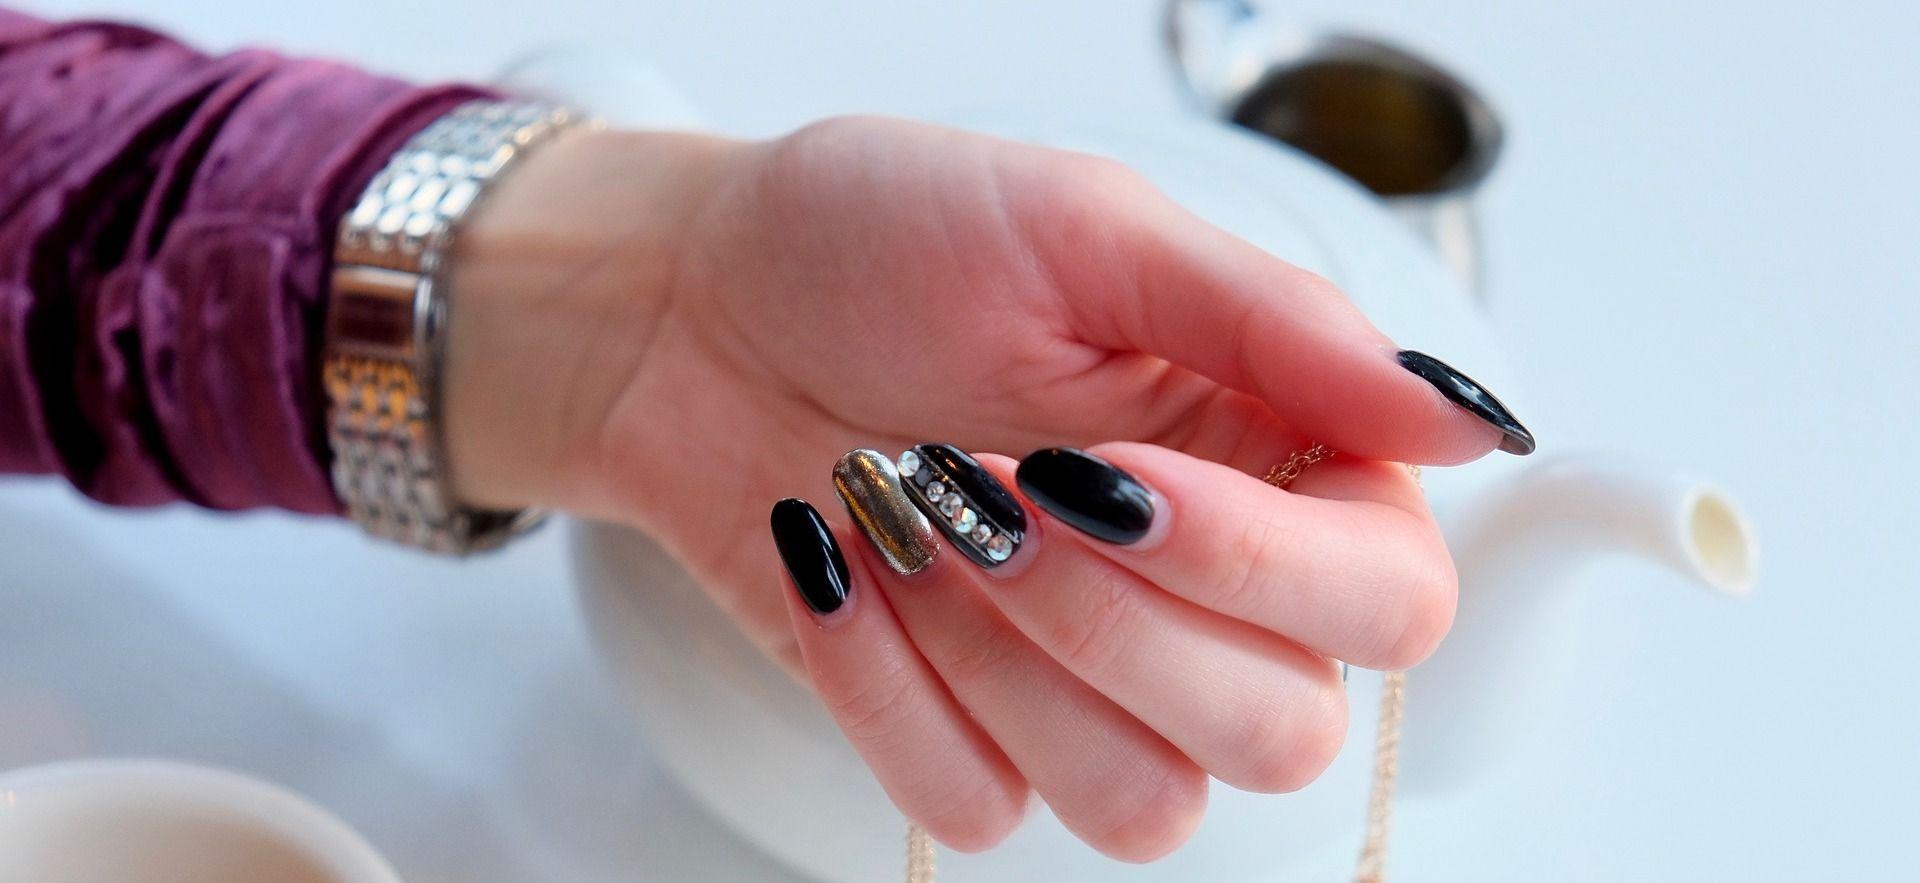 Почему слоятся ногти: основные причины и методы лечения